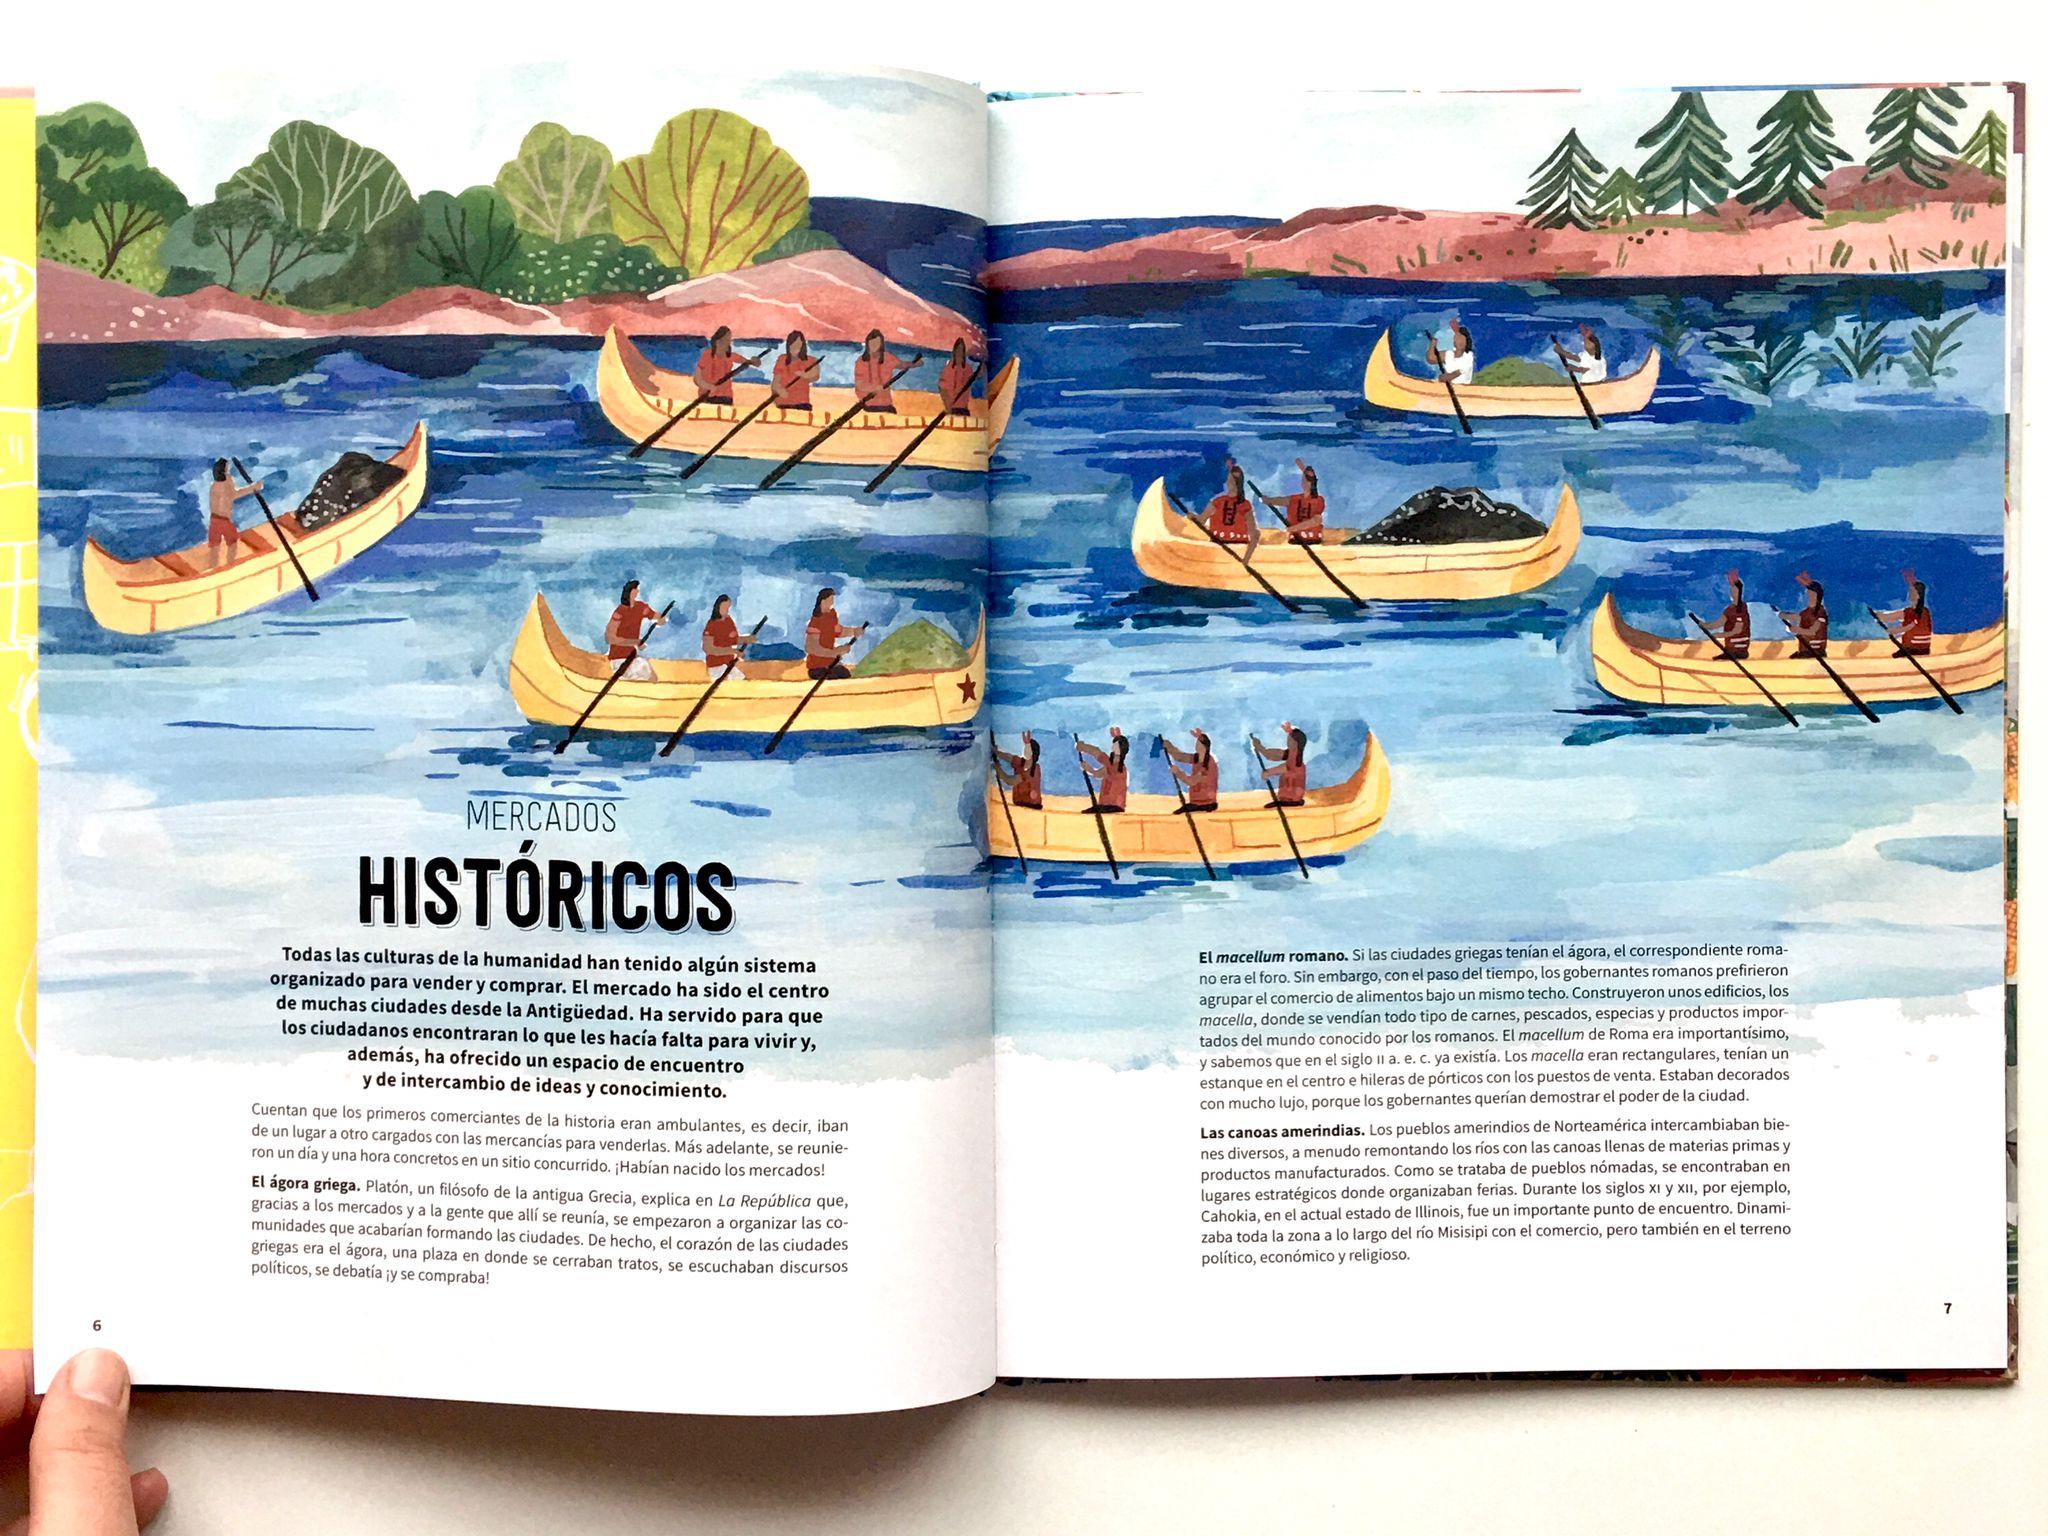 MERCADOS HISTORICOS